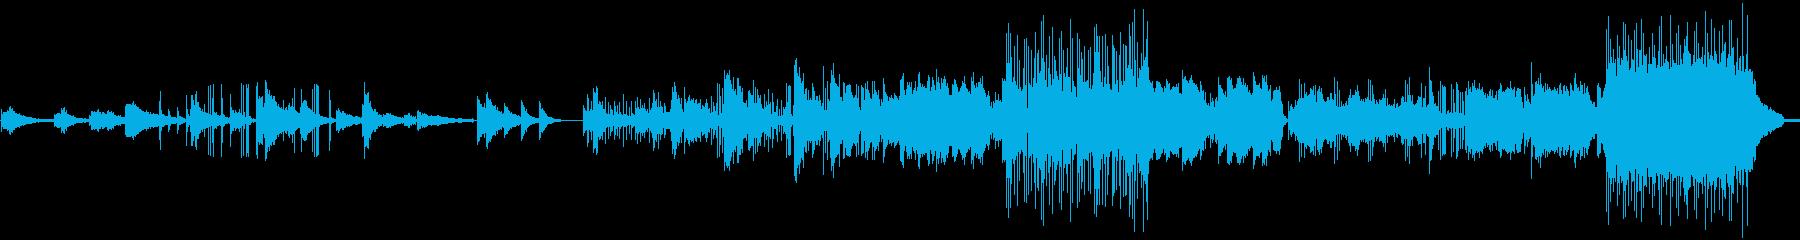 シリアスな雰囲気の劇伴系BGMの再生済みの波形